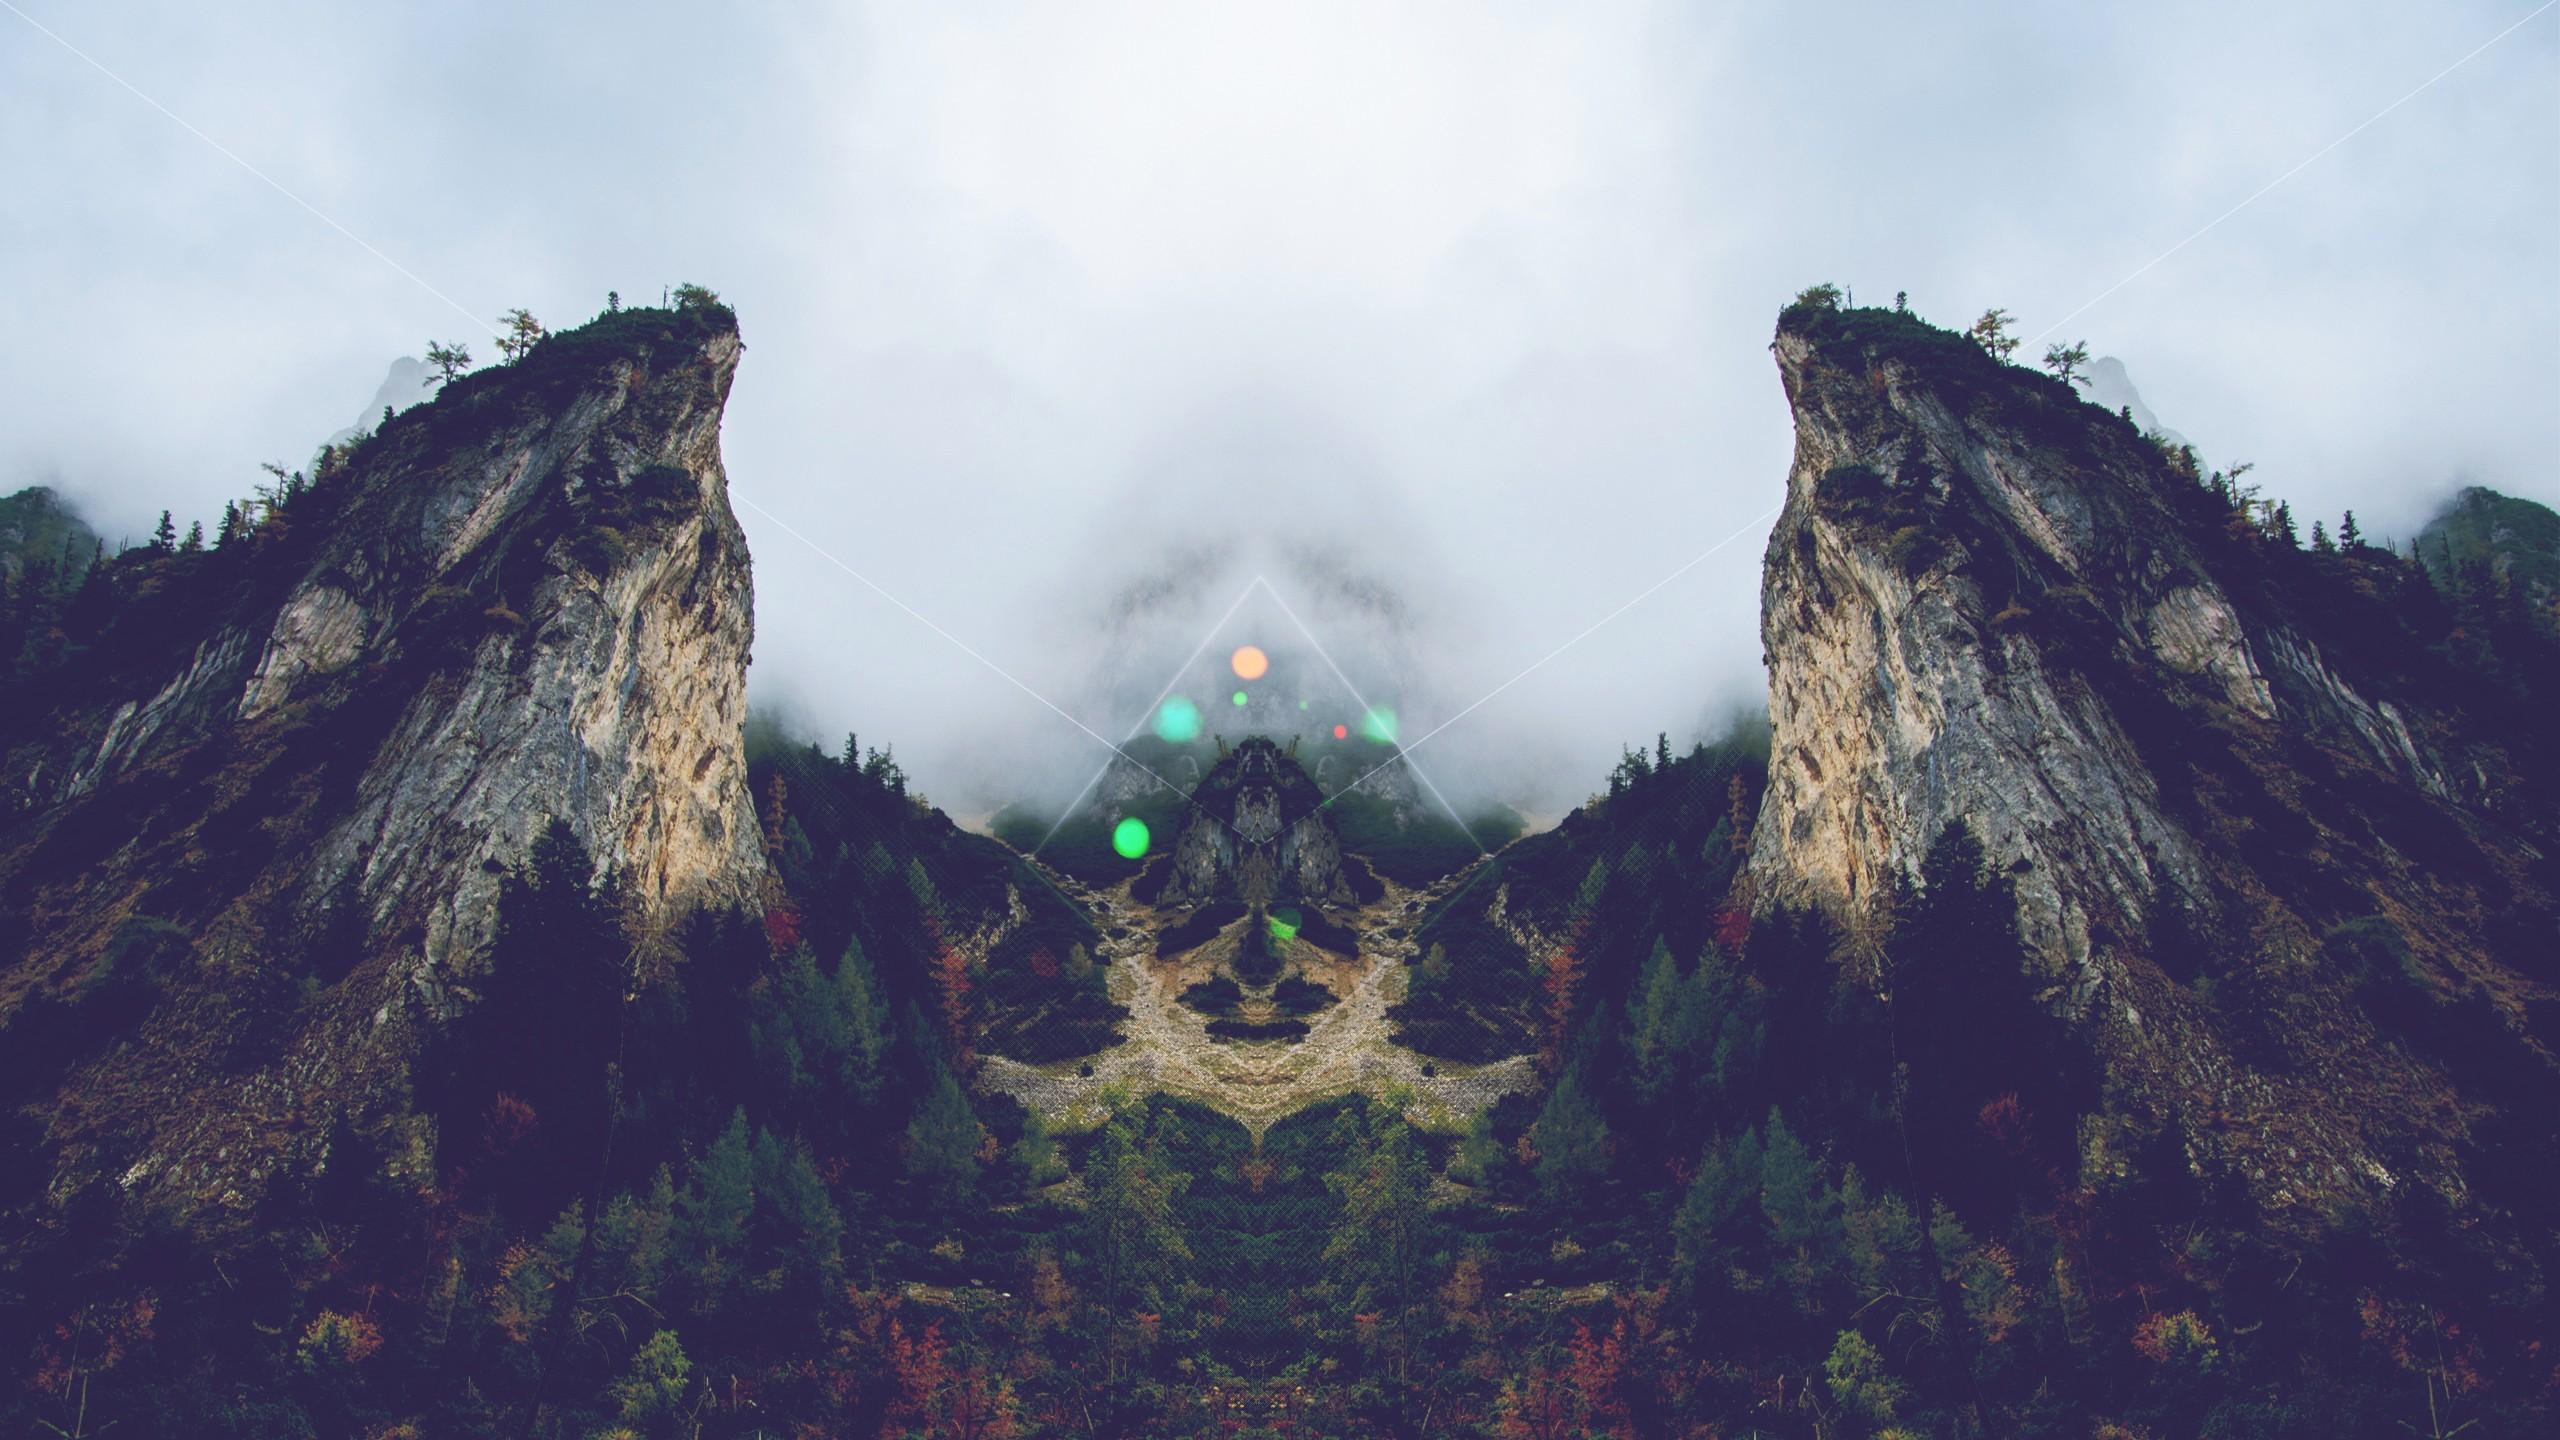 现代小�9i-9`��il_high definition background image for coputer screen 034 ugi9x6l